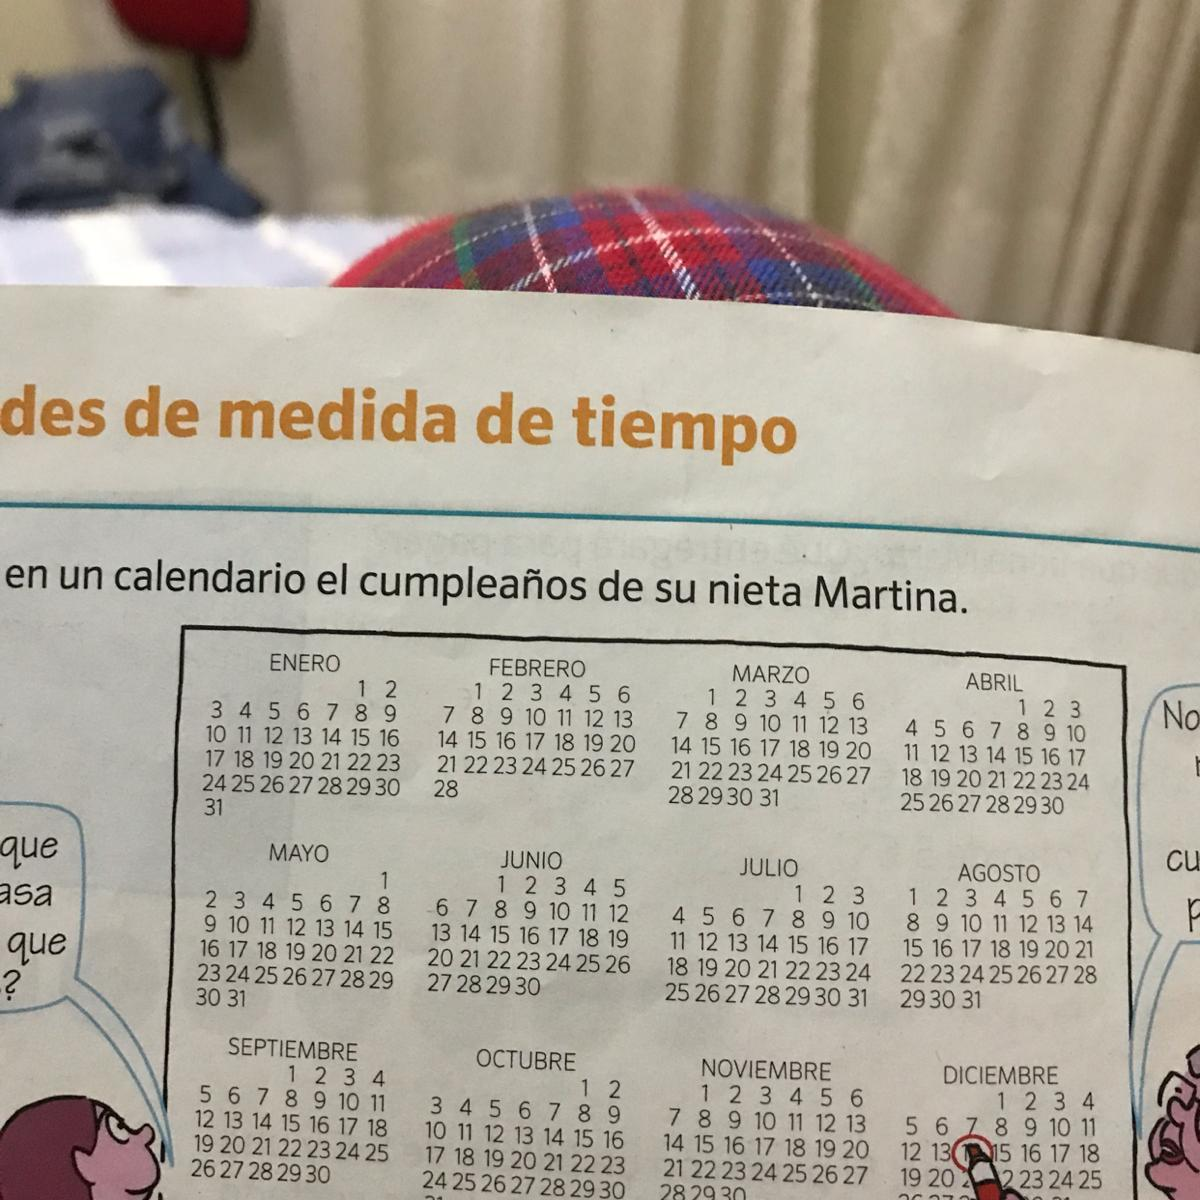 Calendario Julio Del 2000.Mila No Encuentra En Este Calendario En Cumpleanos De Su